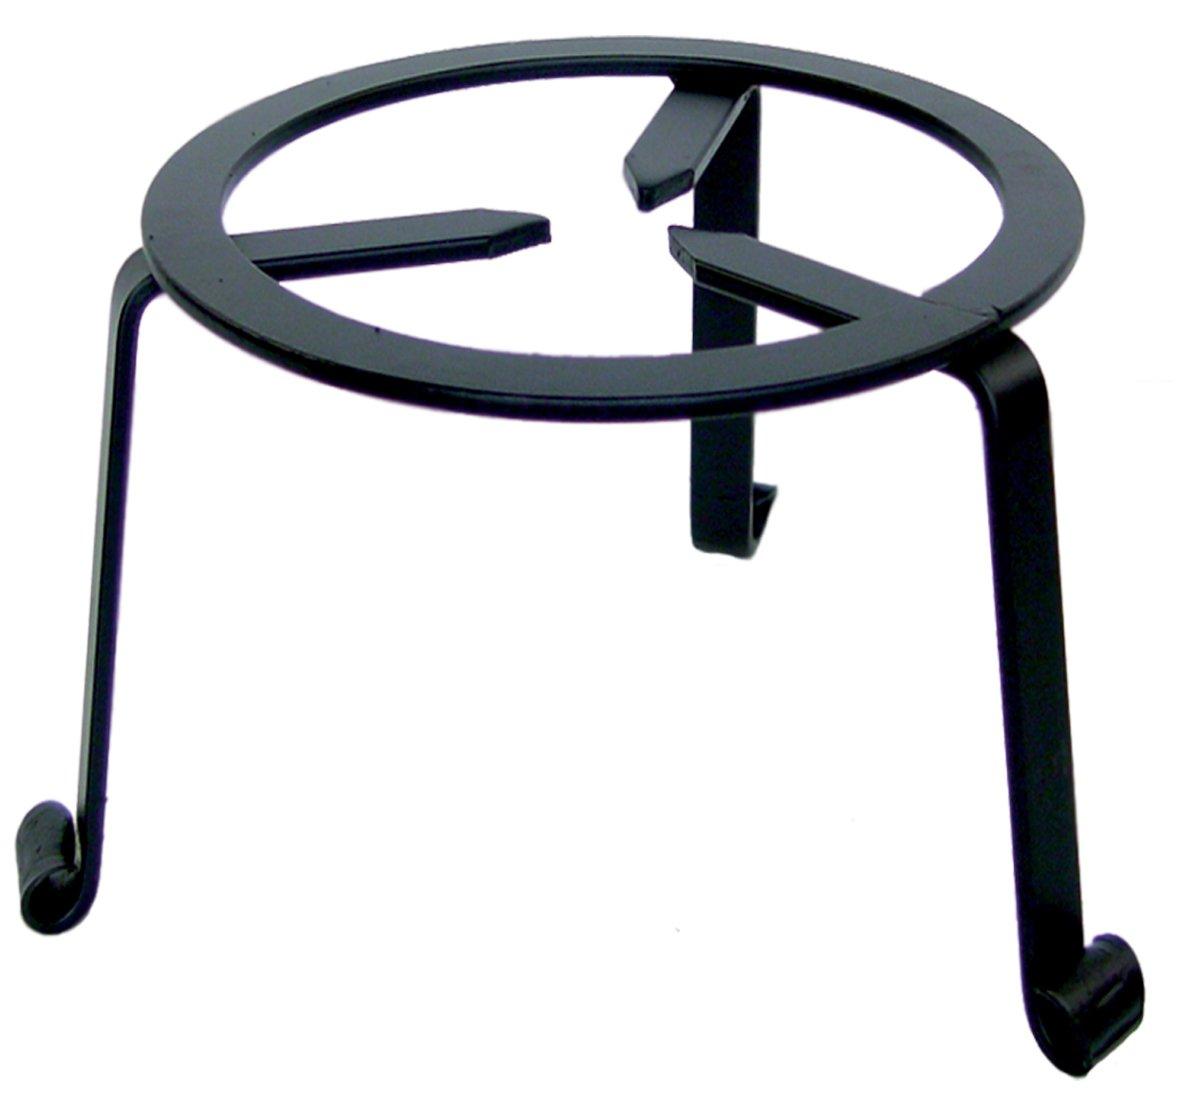 di/ámetro 20 x 16 cm Imex El Zorro 70120 Tr/ébede Caldera